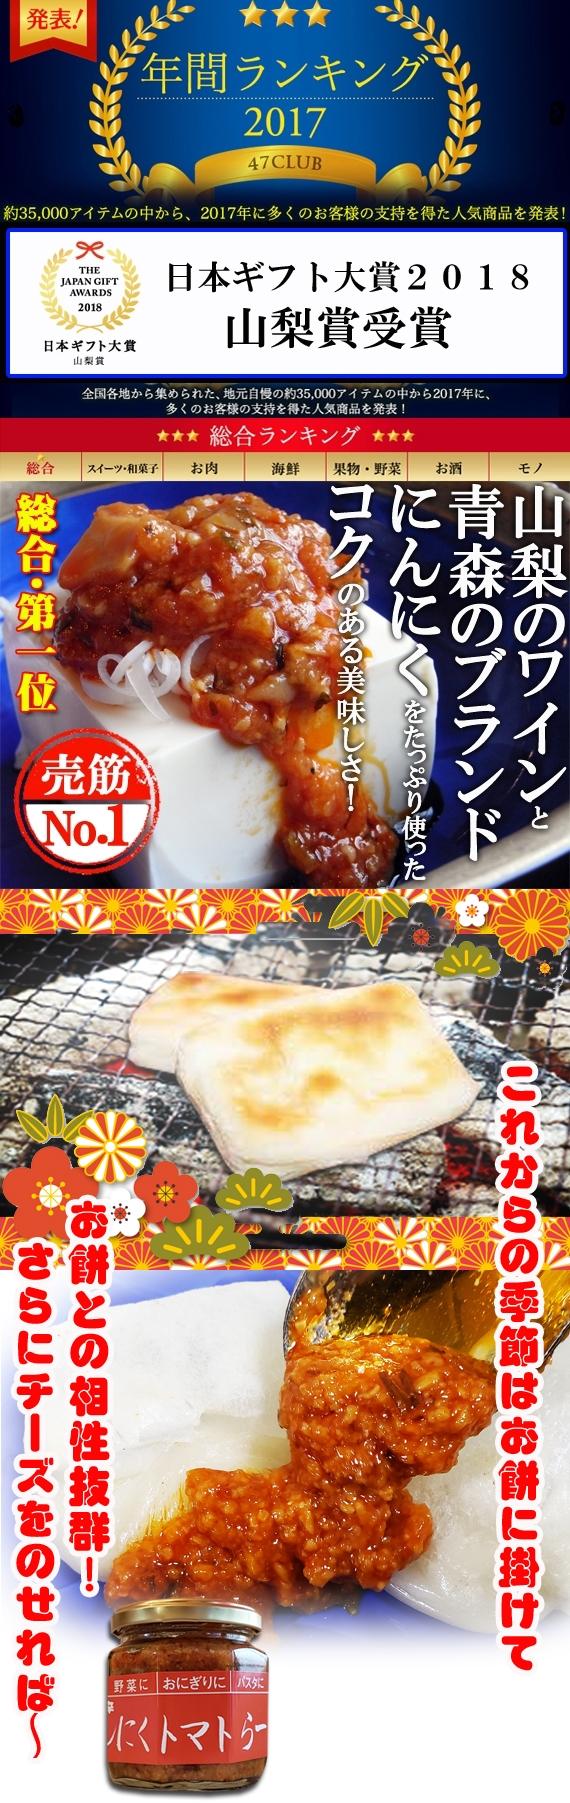 【にんにくトマト1個】「嵐にしやがれ」でも紹介。日本ギフト大賞2018受賞。売れ筋NO.1! にんにくトマトらー油(ラー油)【お中元2020】【乾物・缶詰・瓶詰・調味料】